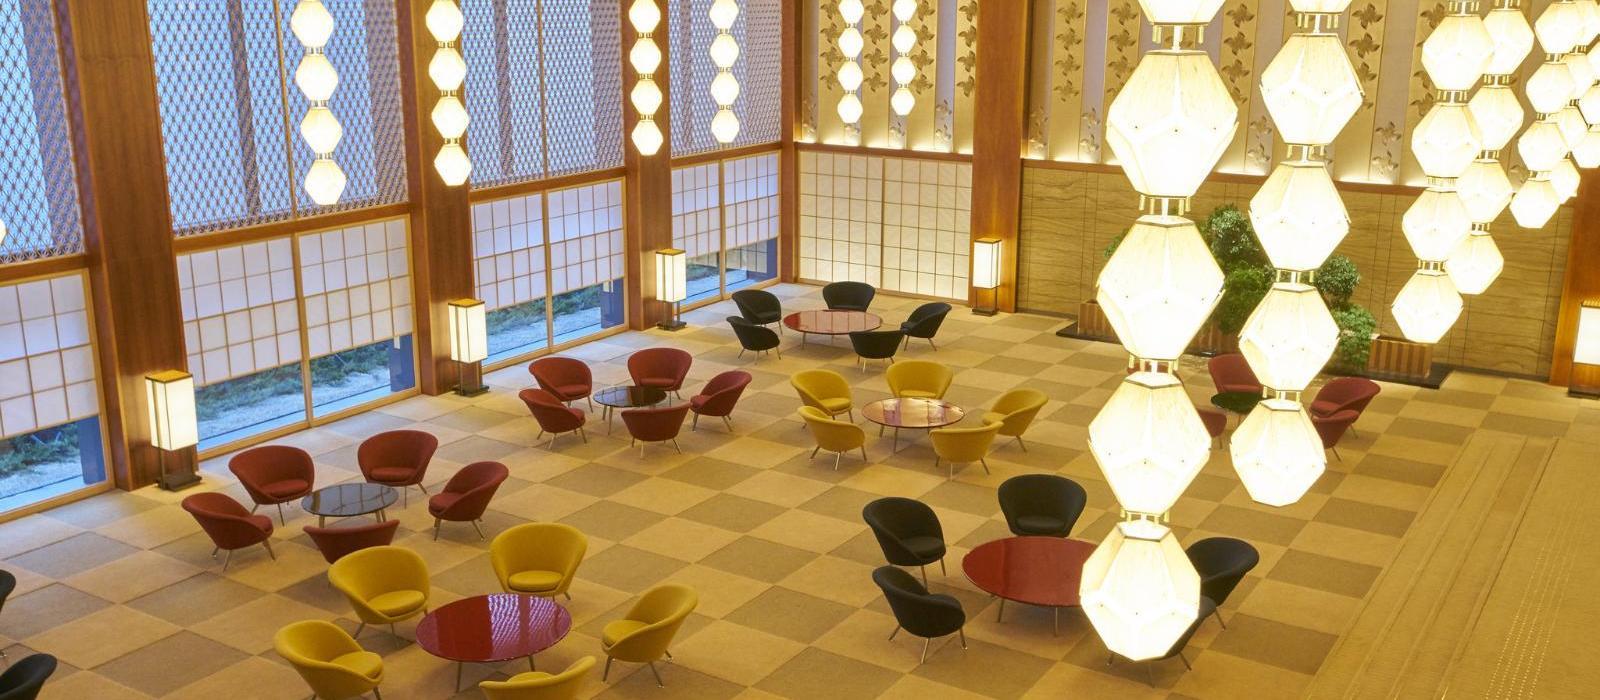 东京大仓饭店(The Okura Tokyo) 图片  www.lhw.cn